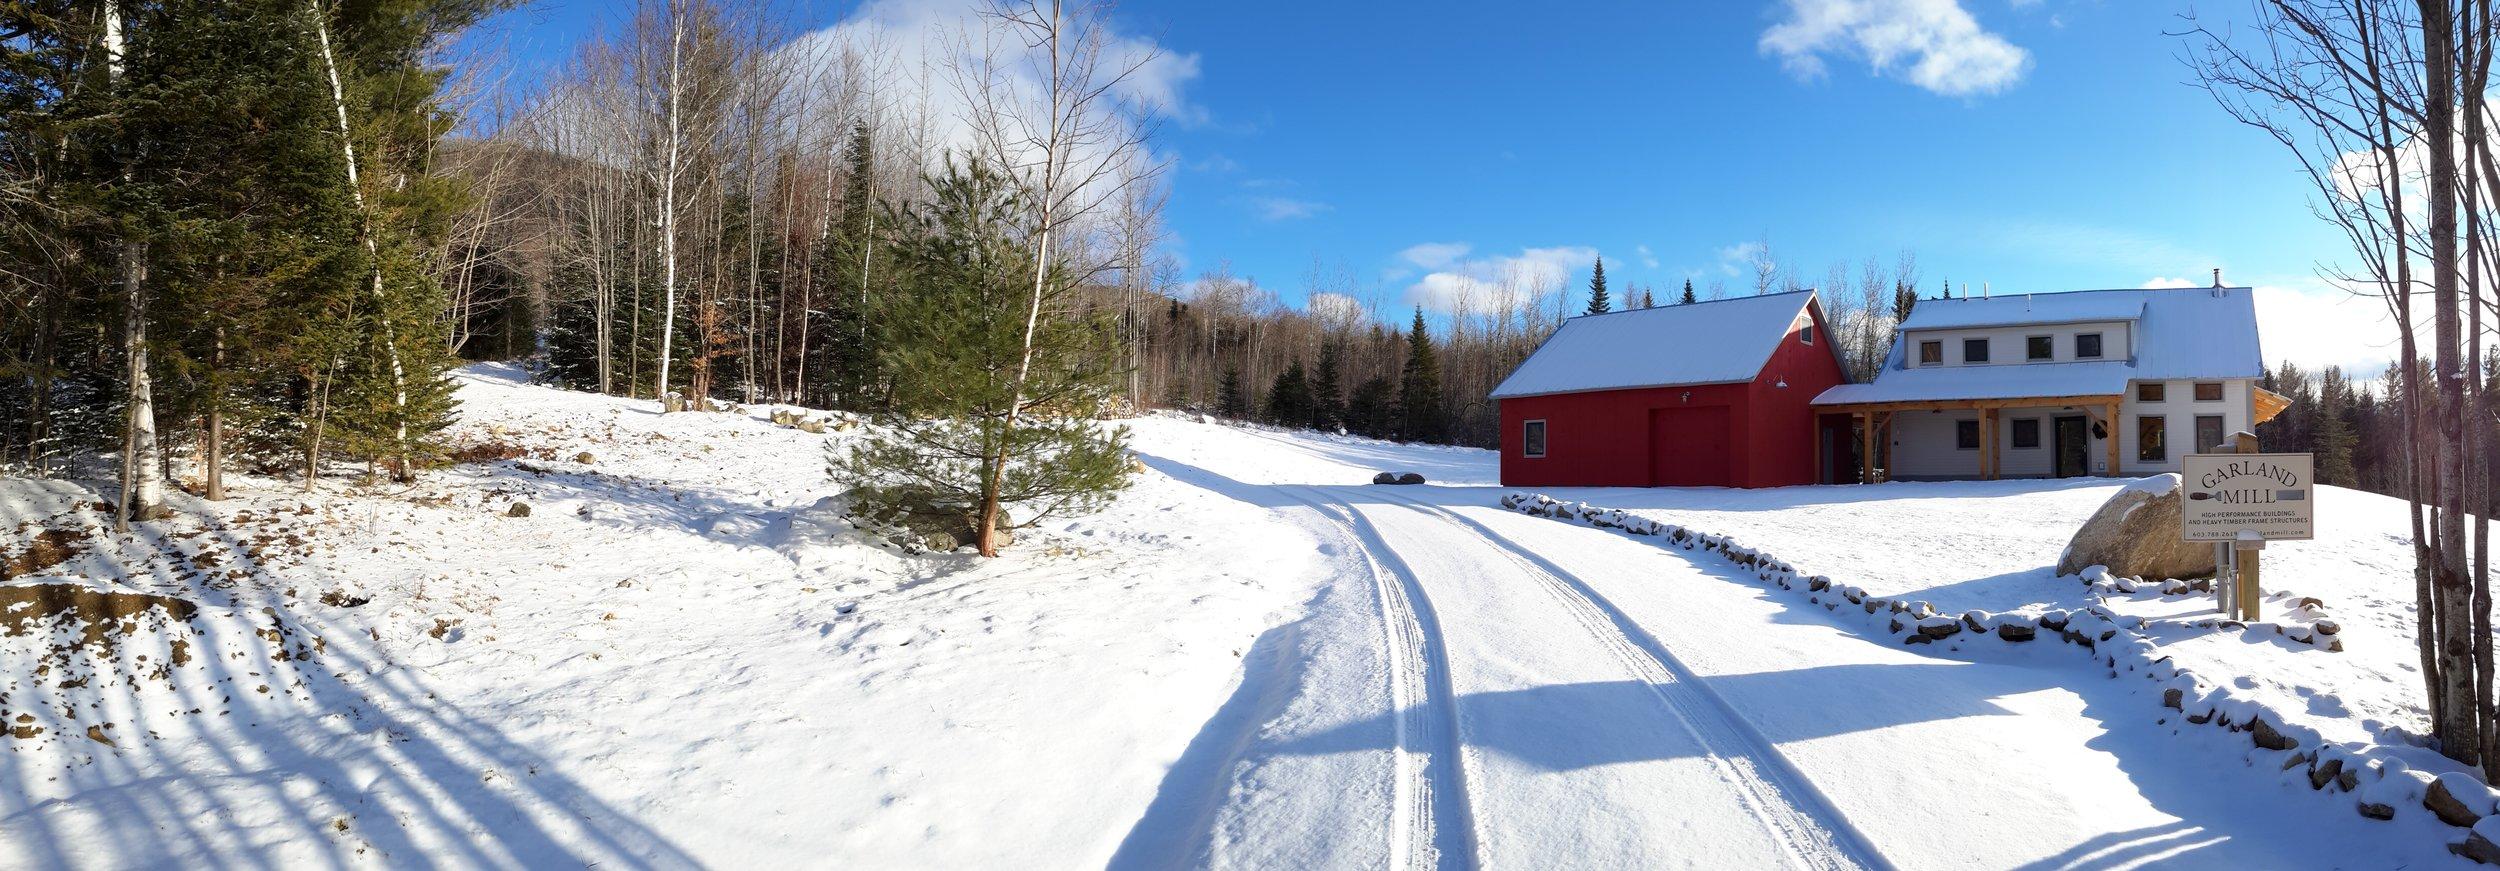 2015-12-20 Szauter Residence.jpg